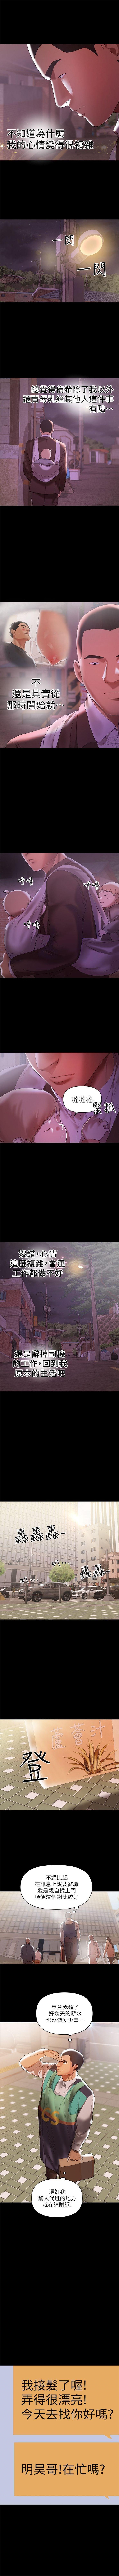 (週6)兼職奶媽 1-31 中文翻譯 (更新中) 59